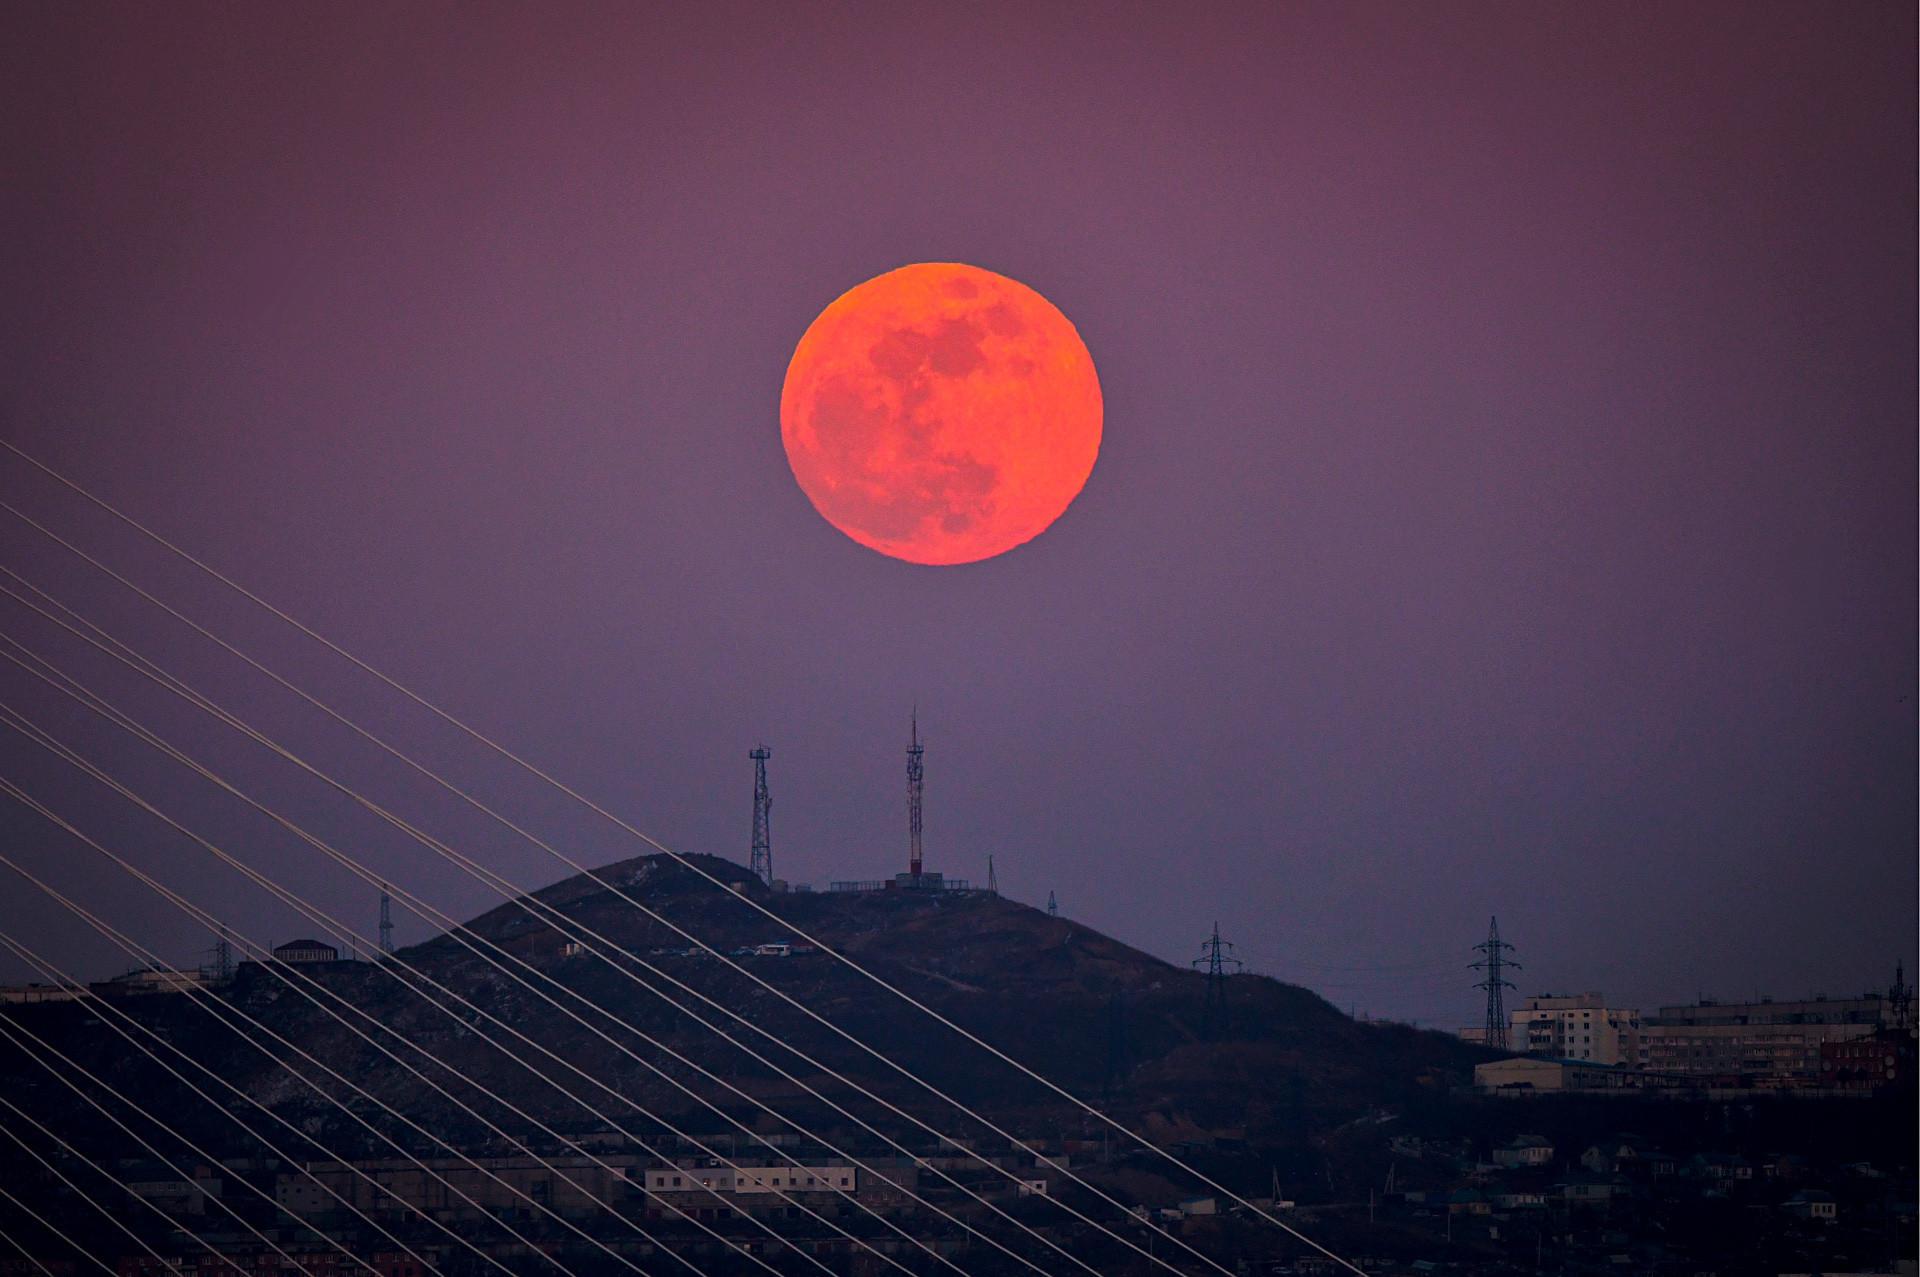 La Lune s'élève au-dessus du relief de la ville de Vladivostok, en Extrême-Orient.